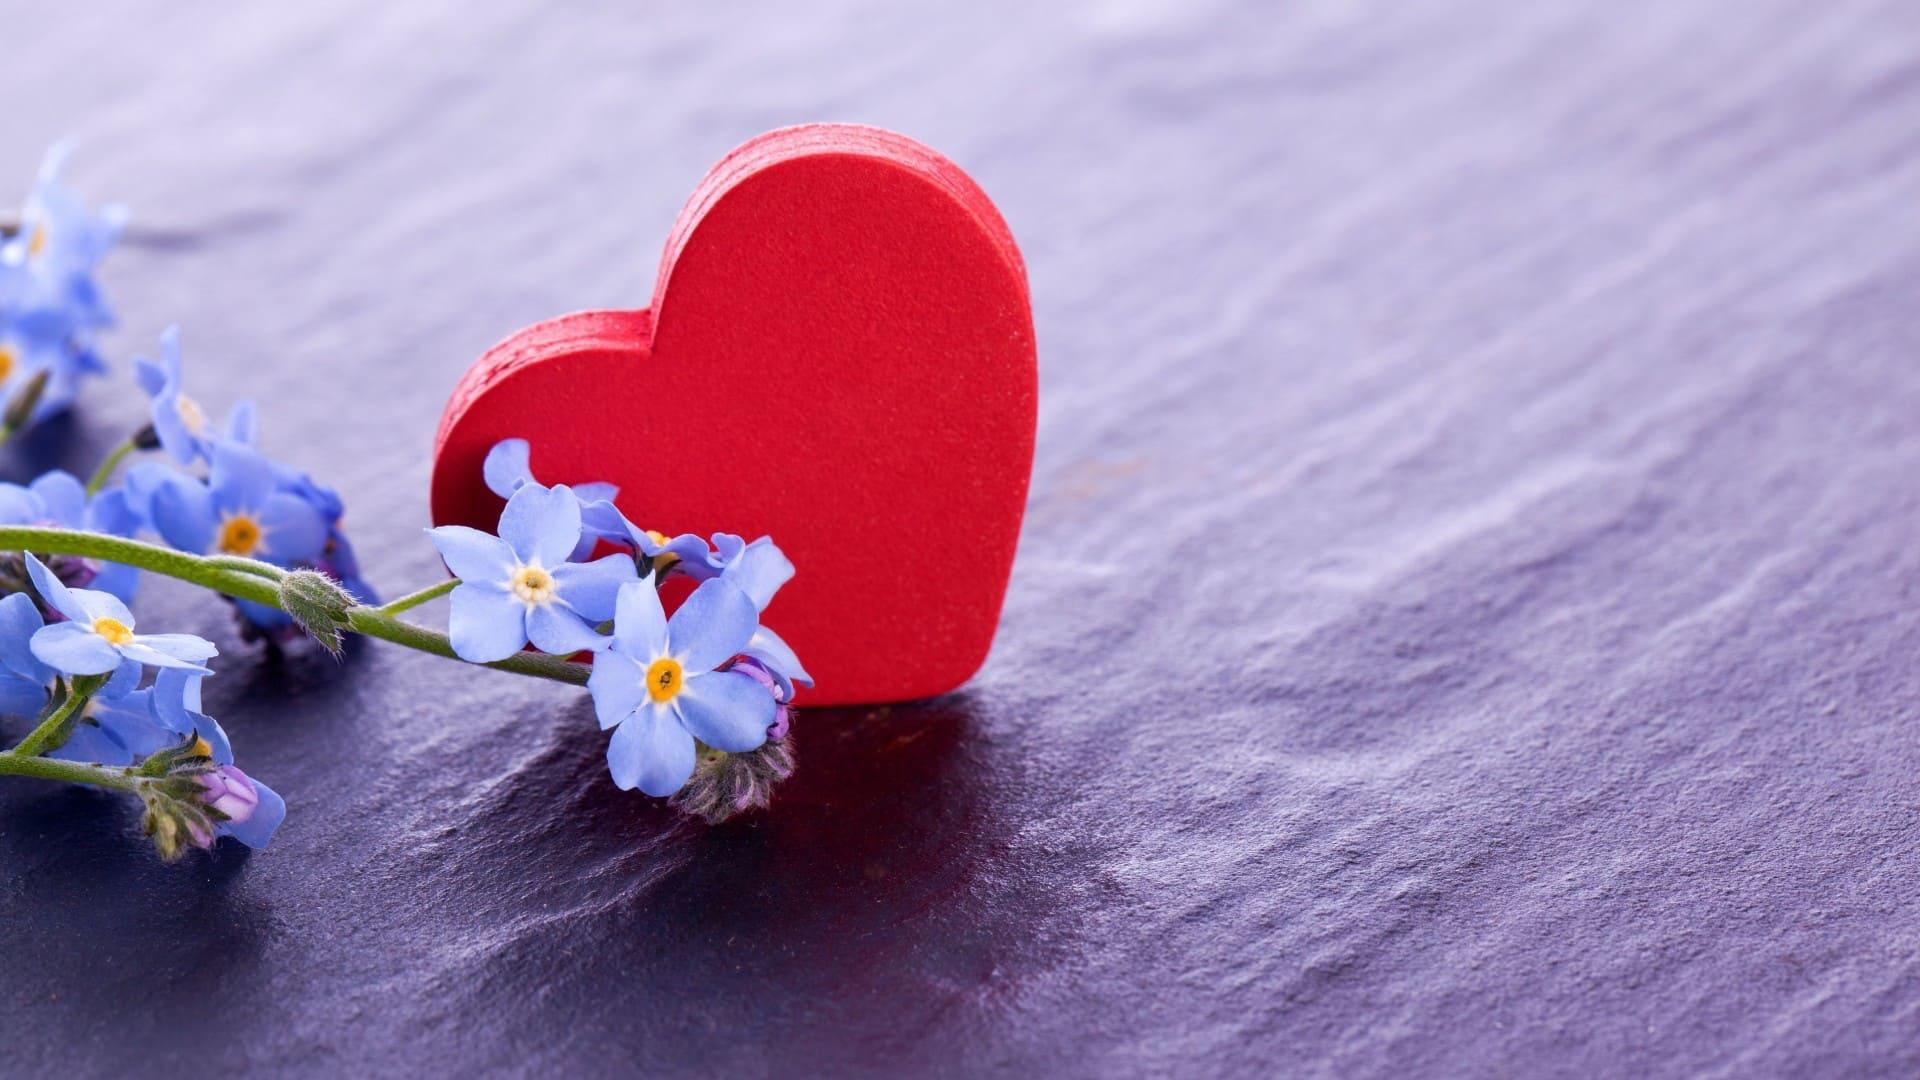 Schöne Bilder von Herzen. 240 hochauflösende Bilder kostenlos